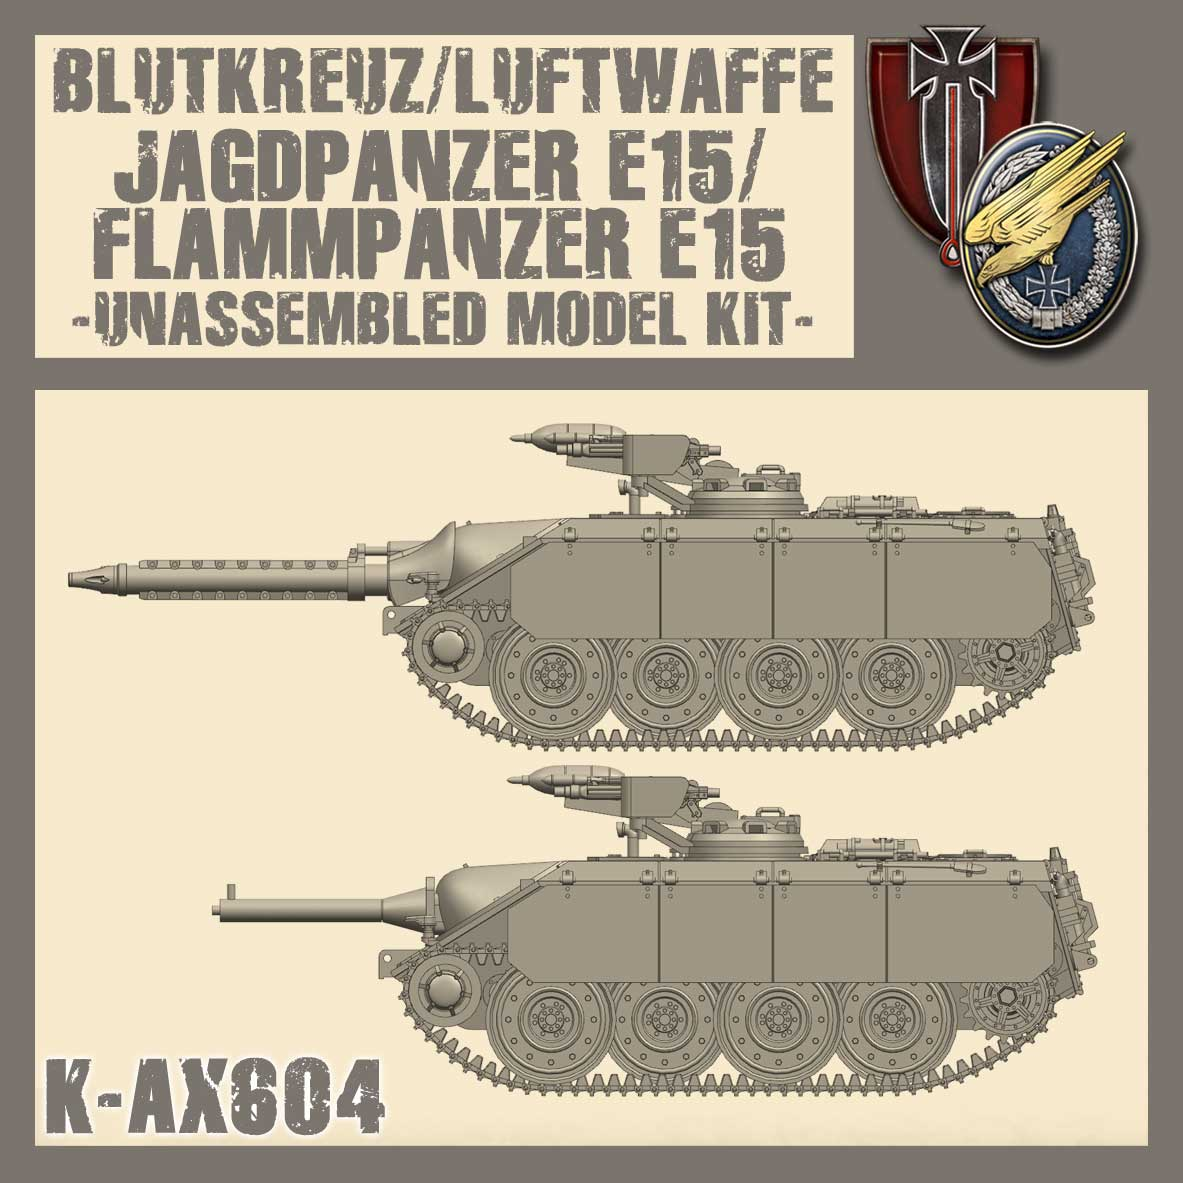 E15 Jagdpanzer/Flammpanzer Kit